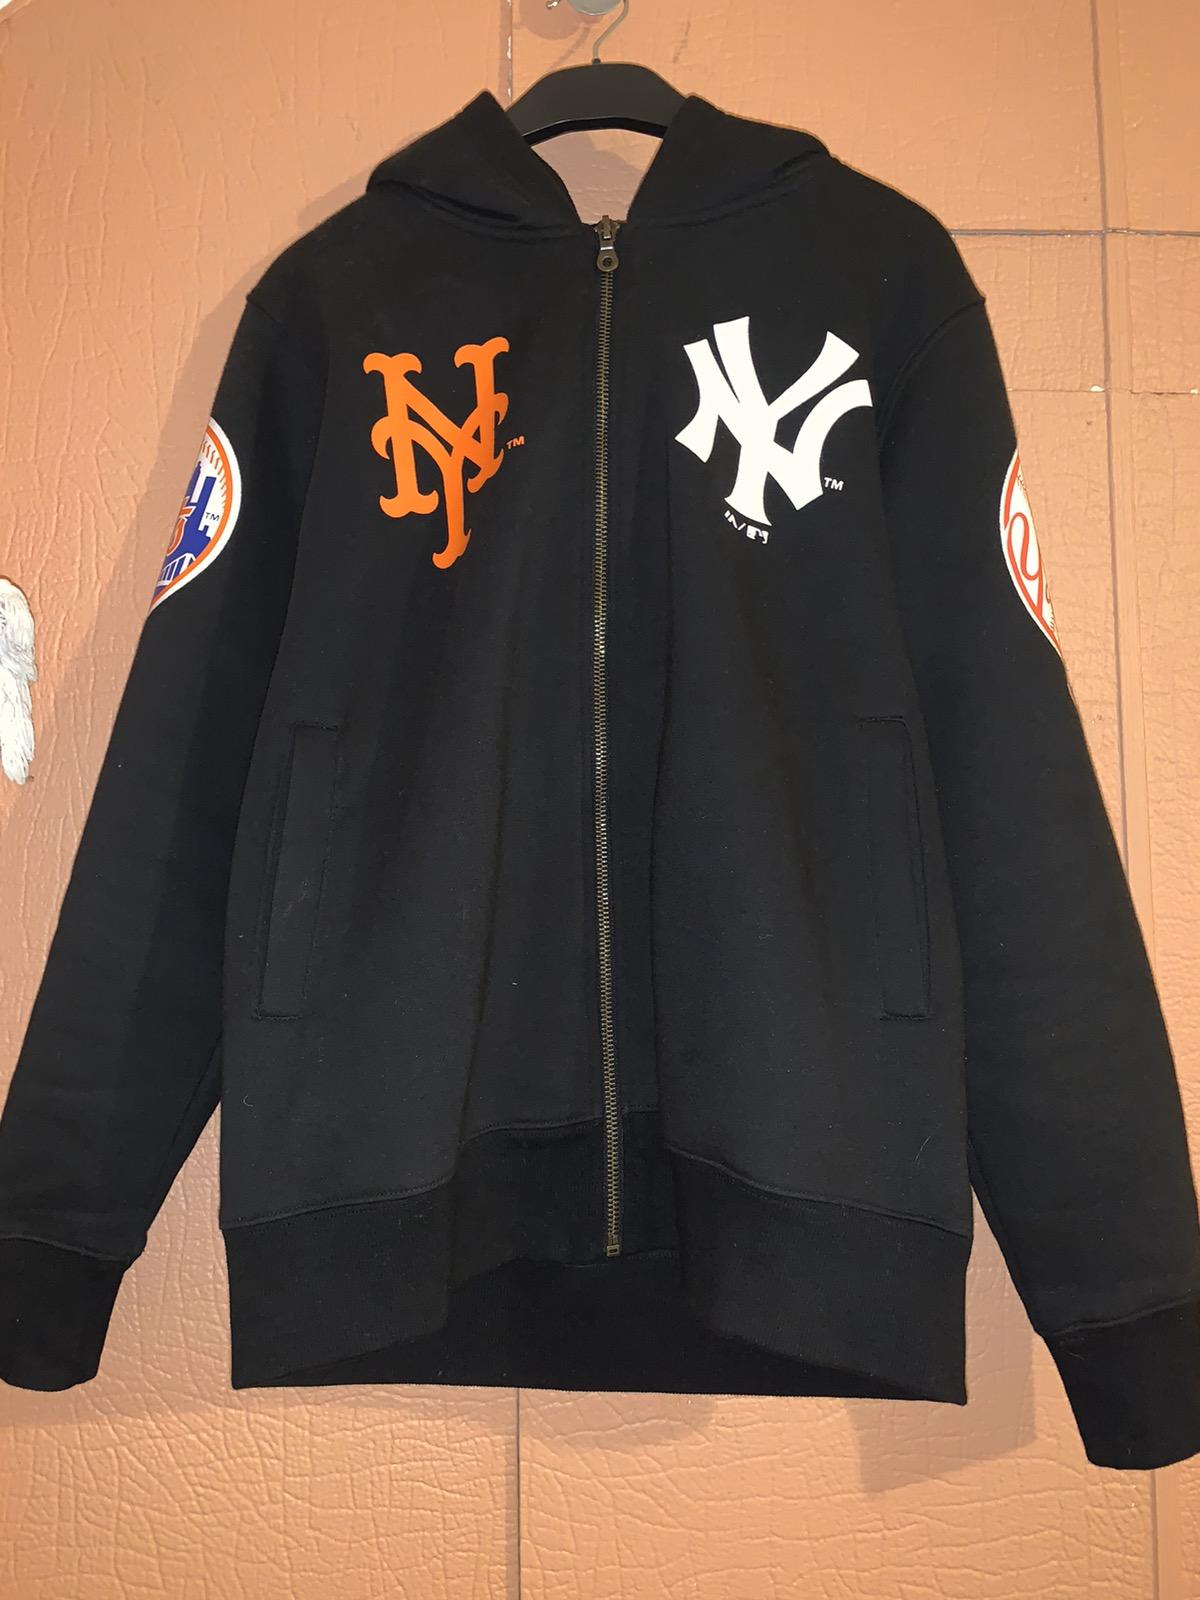 Majestic Japan Mets x Yankees Rare Zip Hoodie